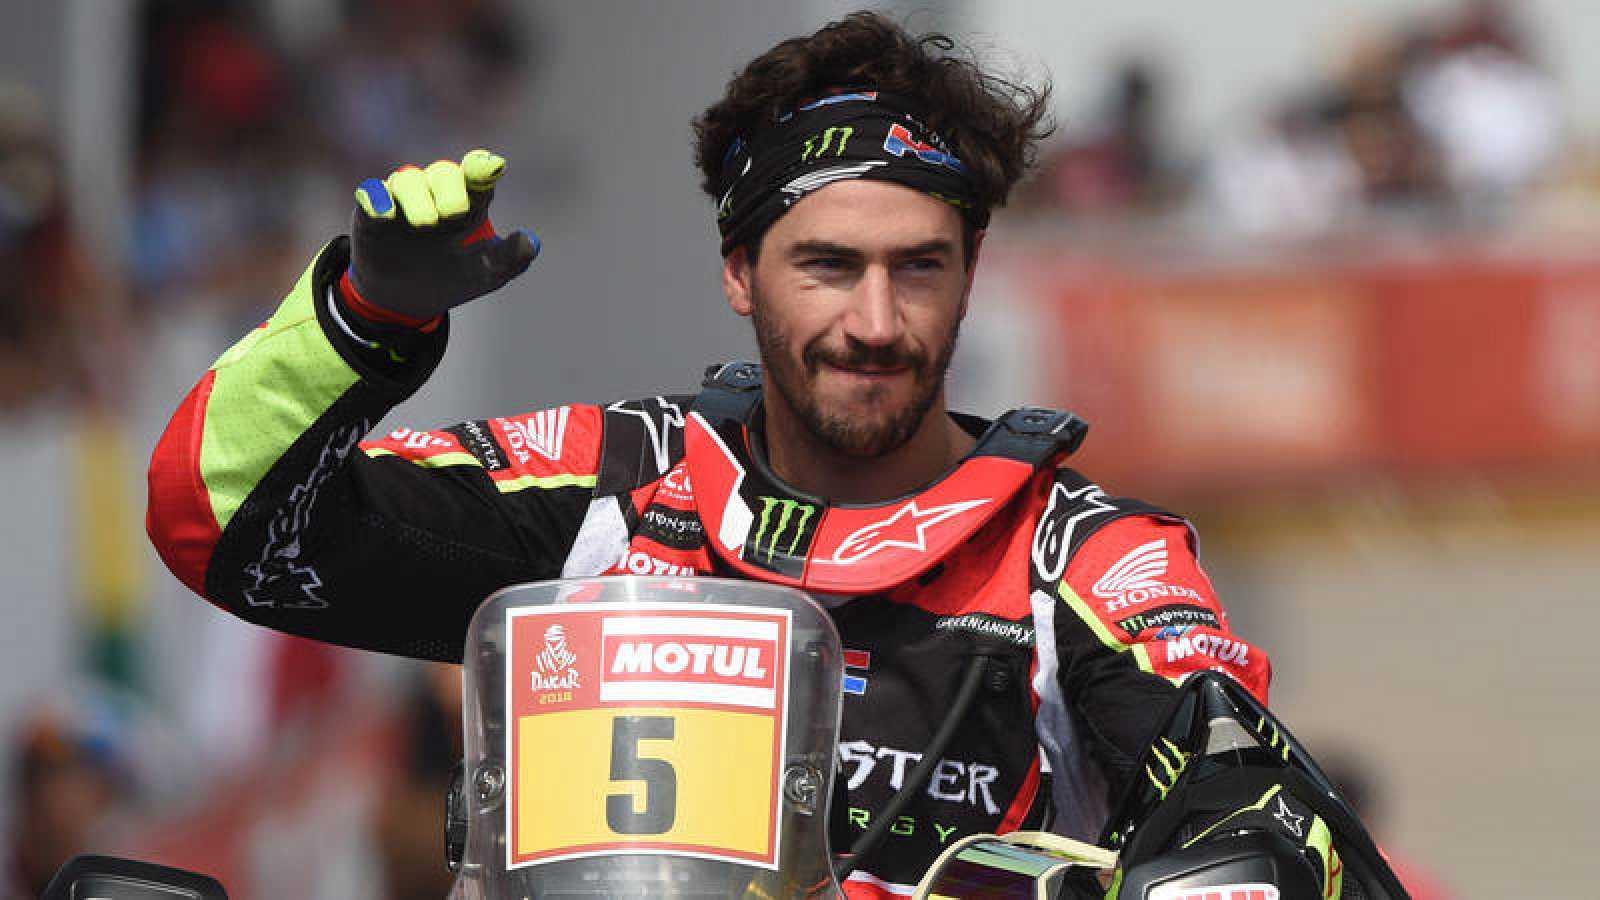 El español Joan Barreda saluda al público en la salida del Dakar 2018.